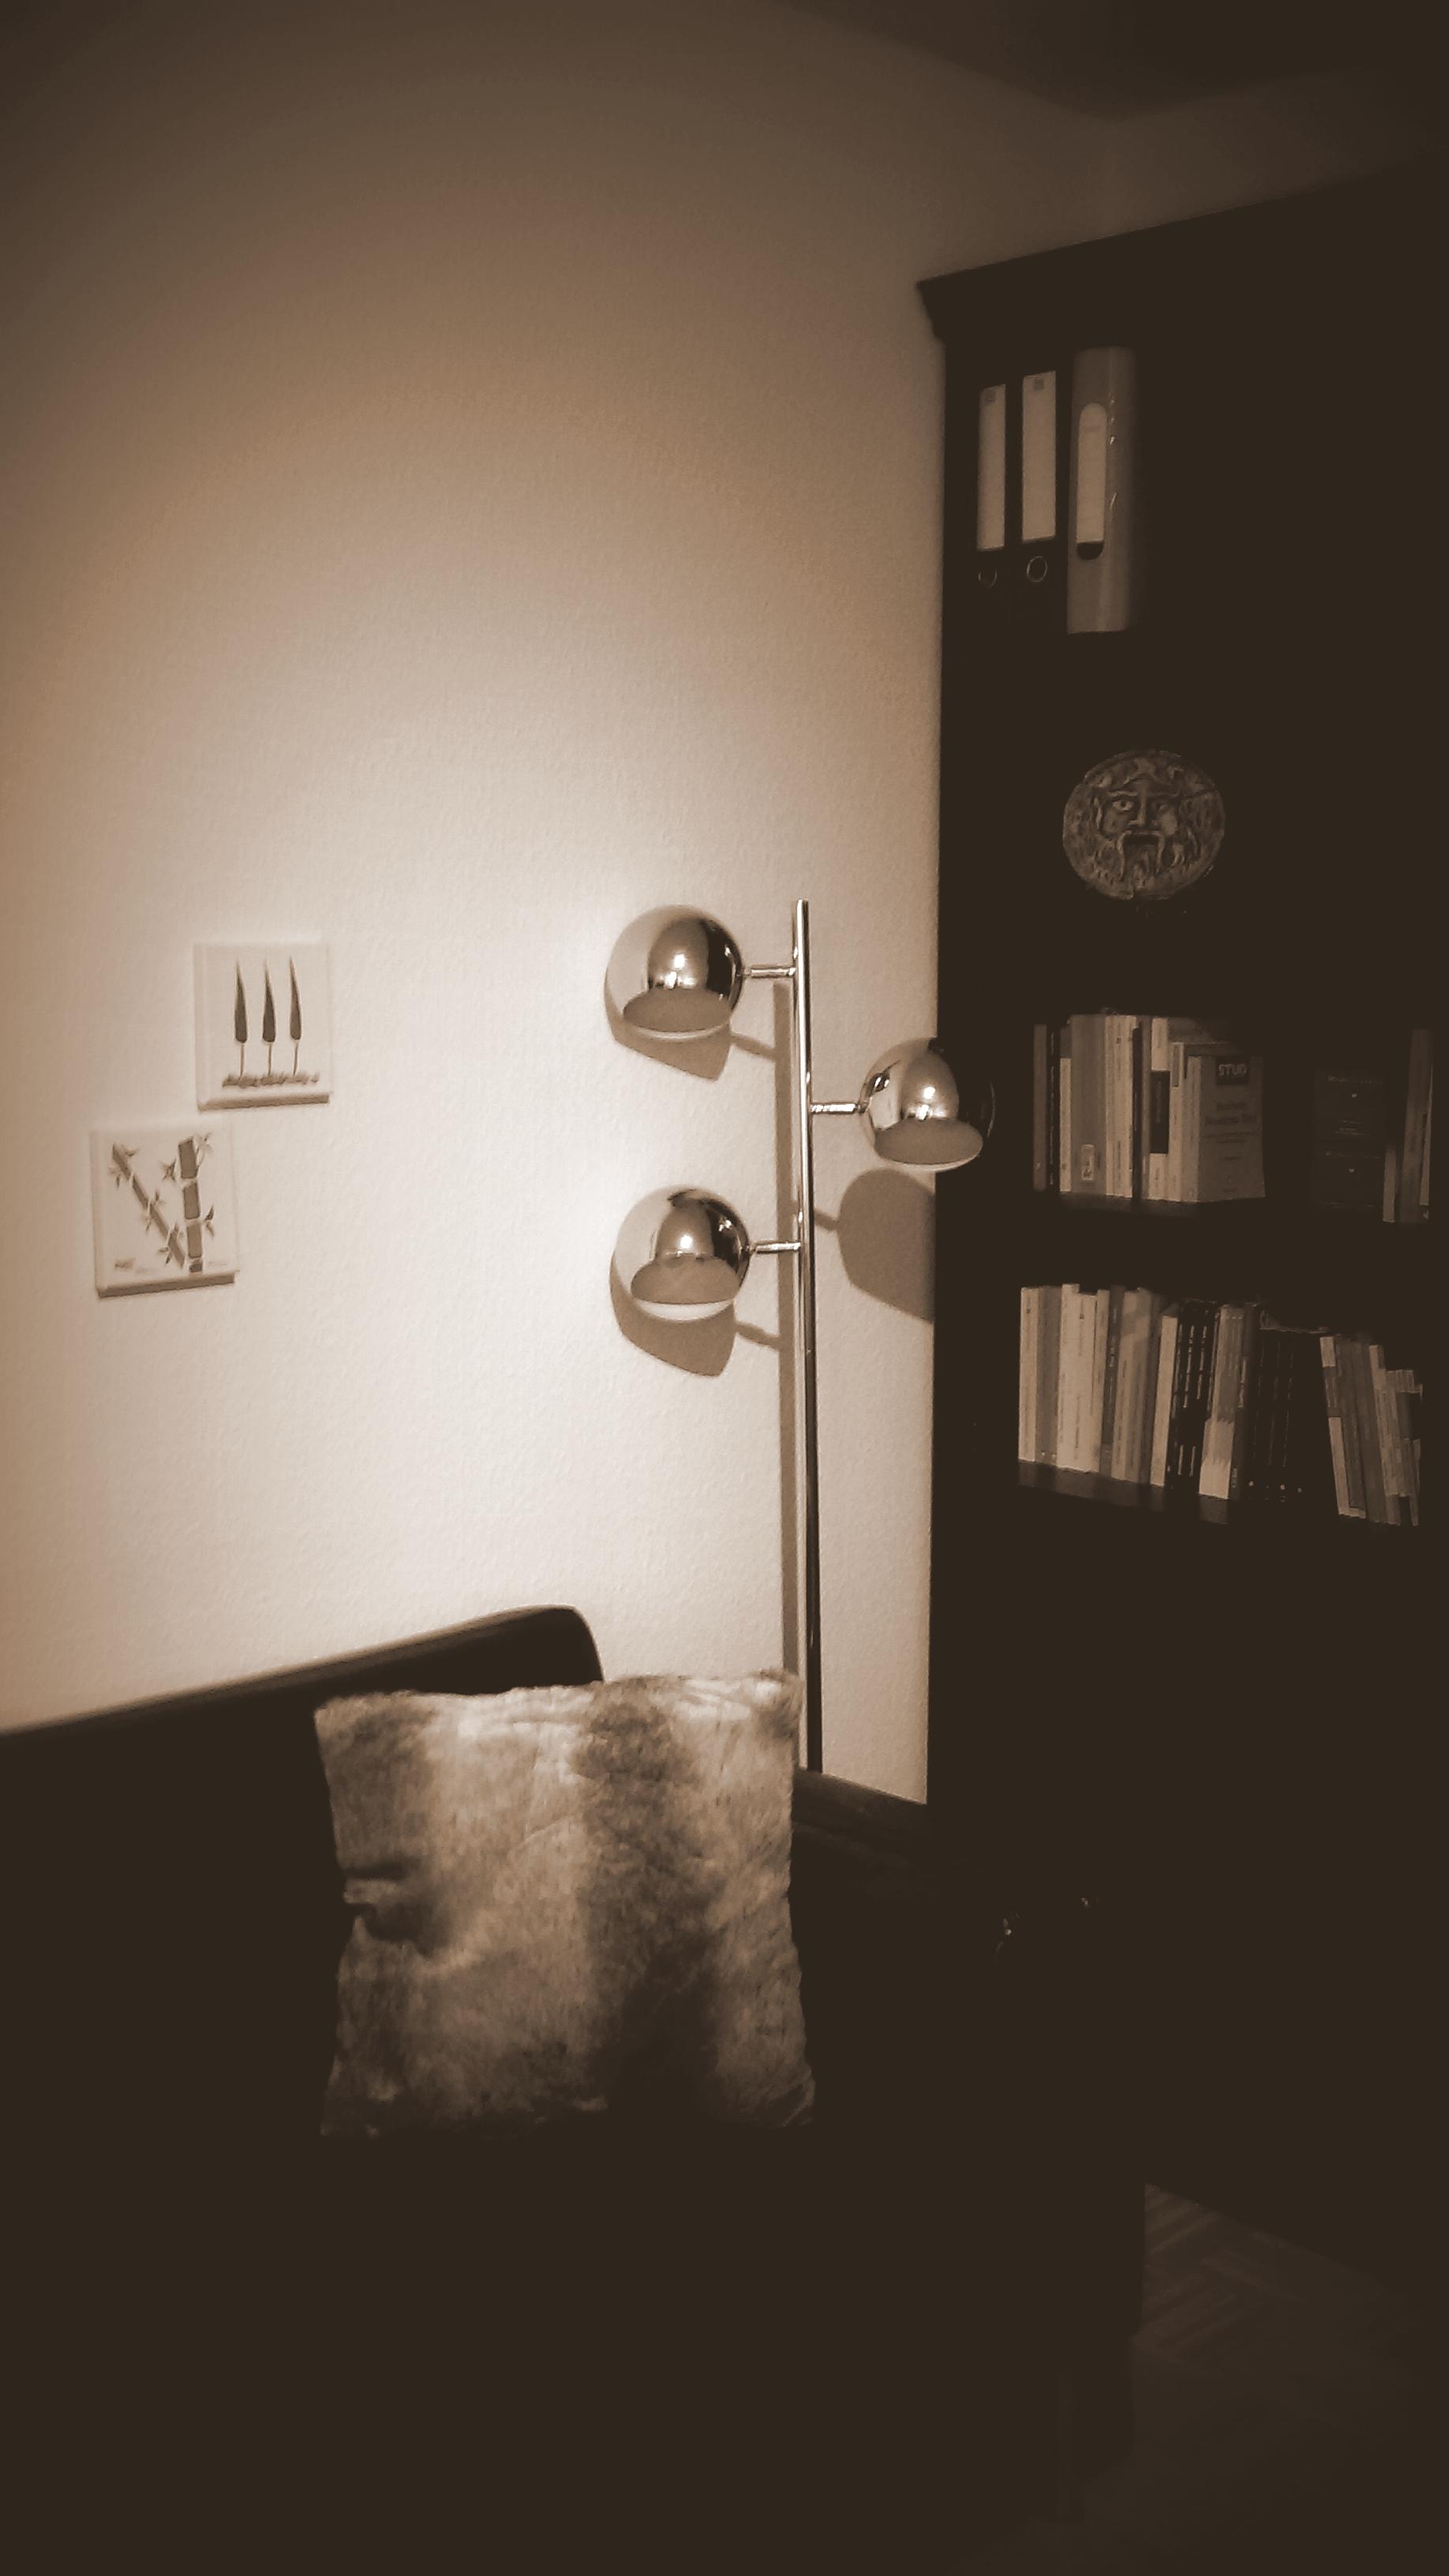 Büro sepia